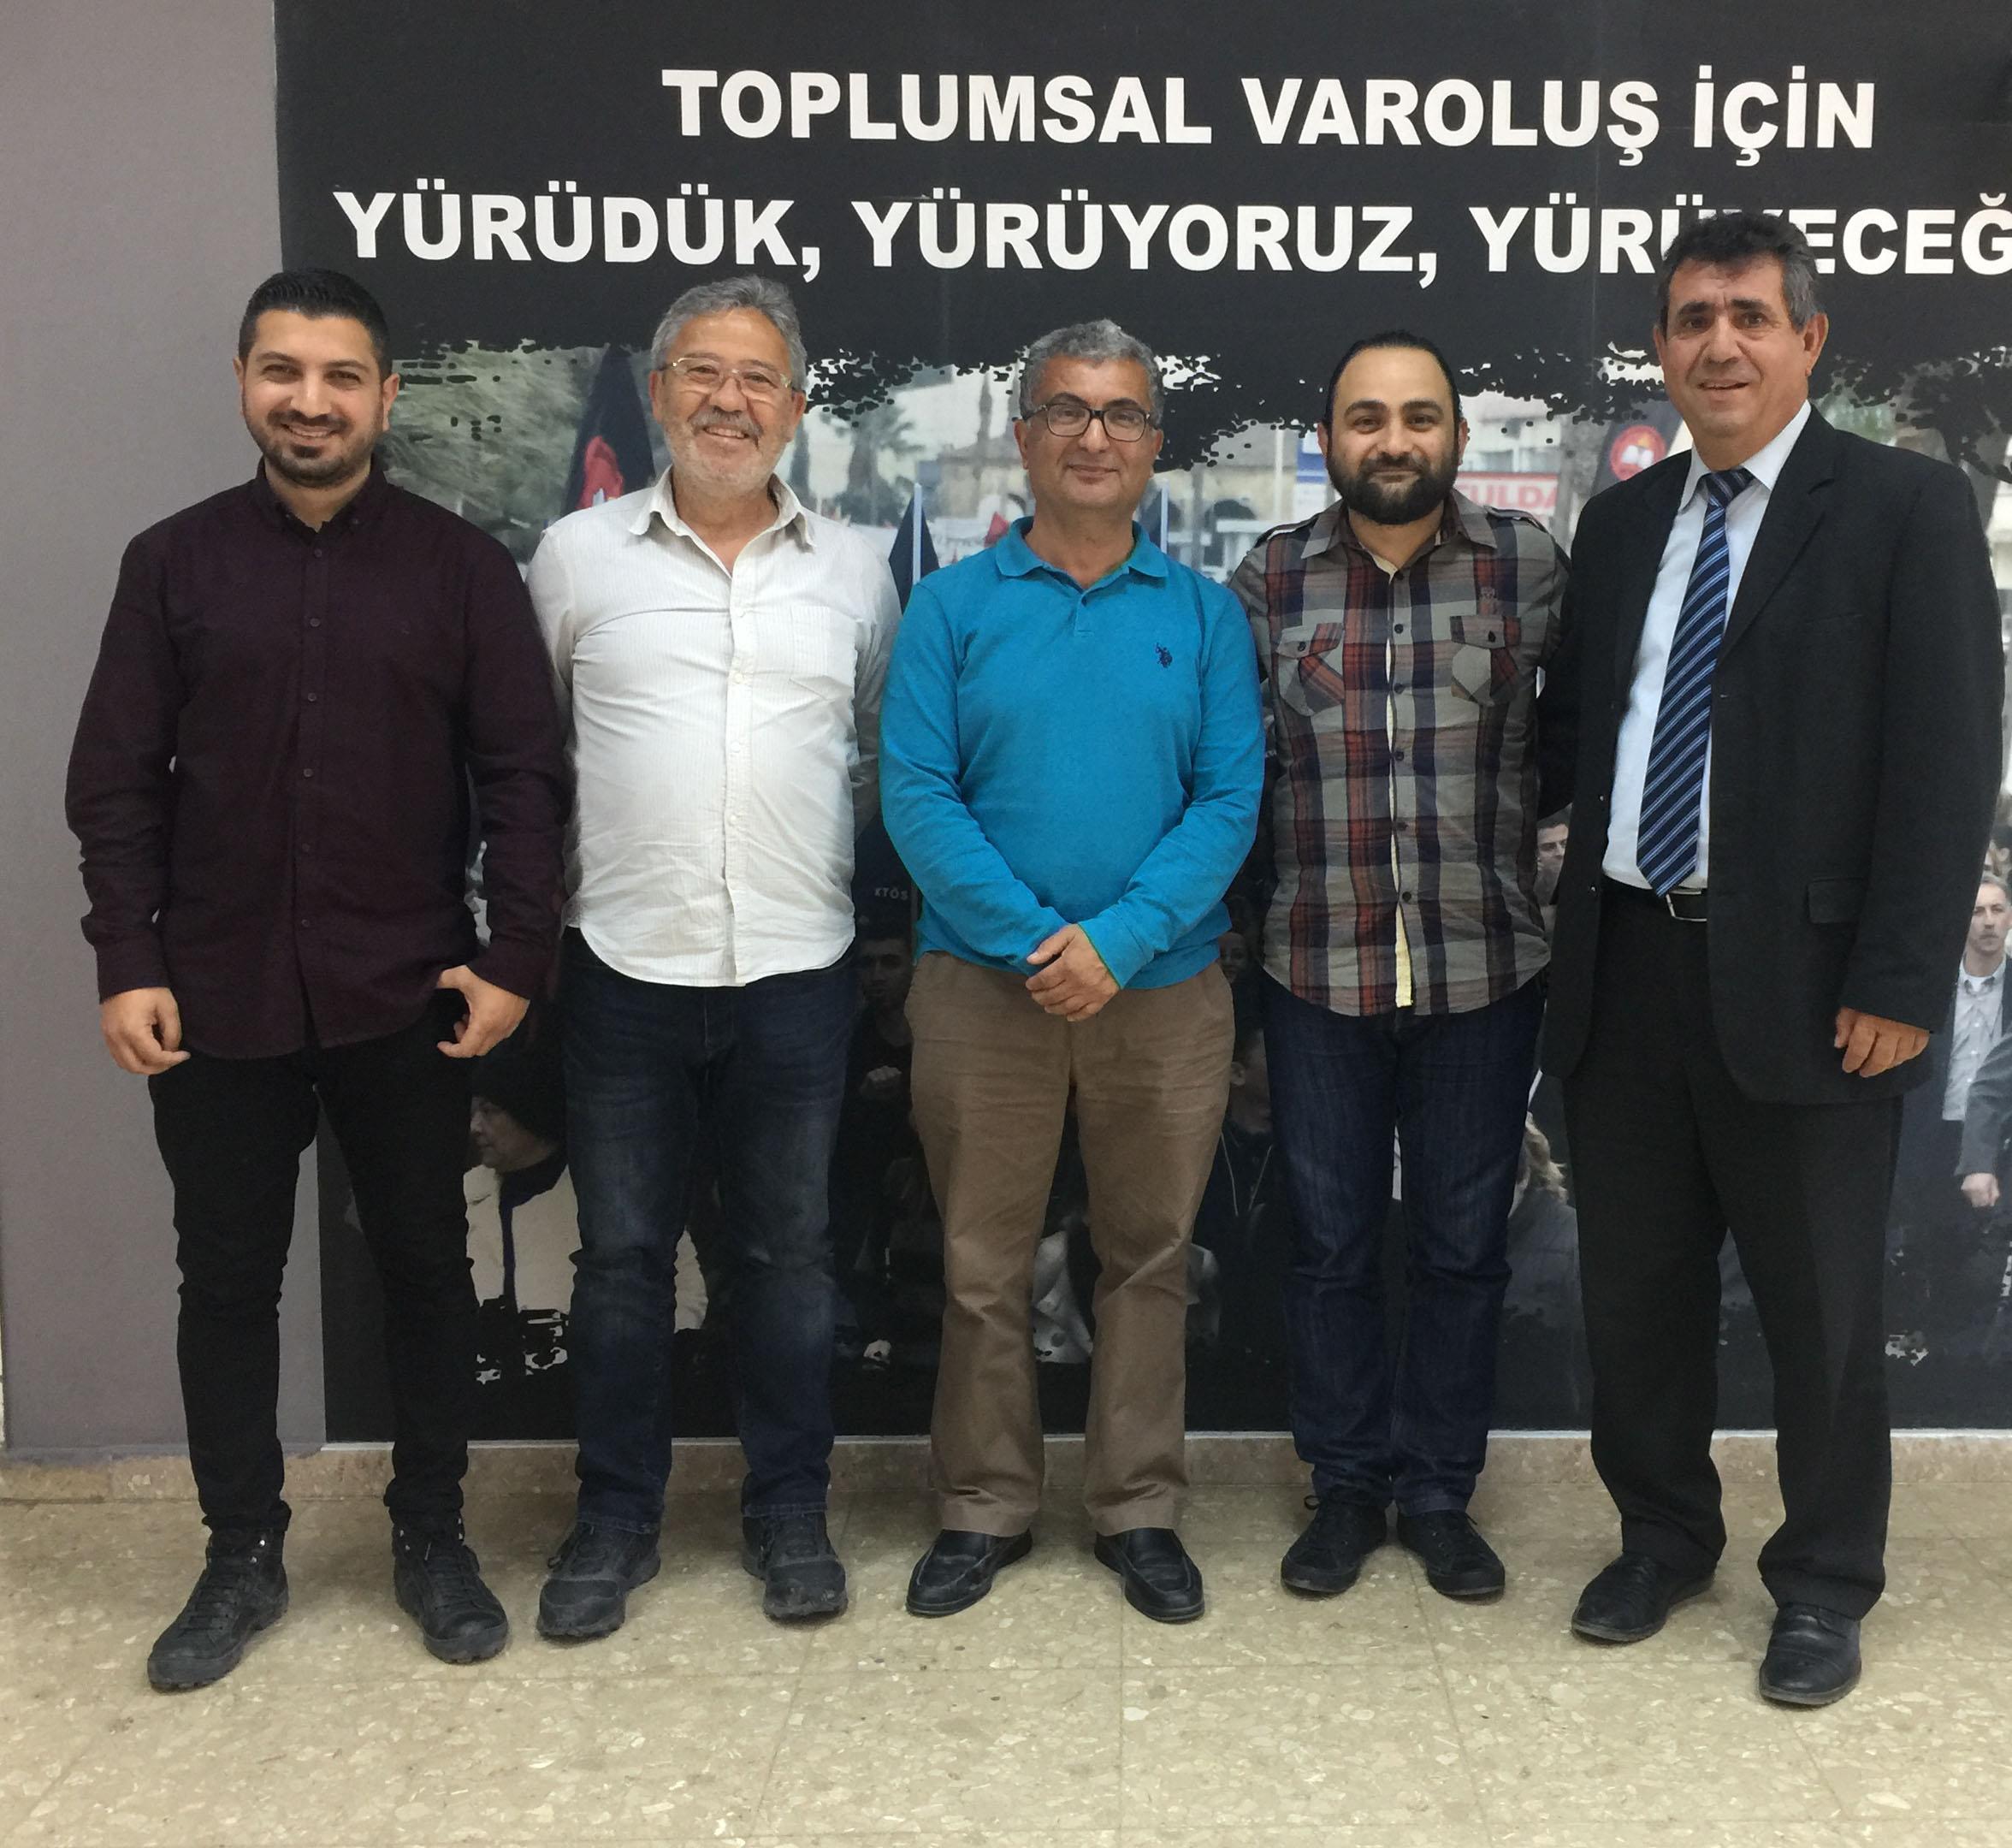 Arif Hasan Tahsin Tarih ve Kültür Vakfı Mütevelli Heyeti Başkanı Güven Varoğlu Oldu